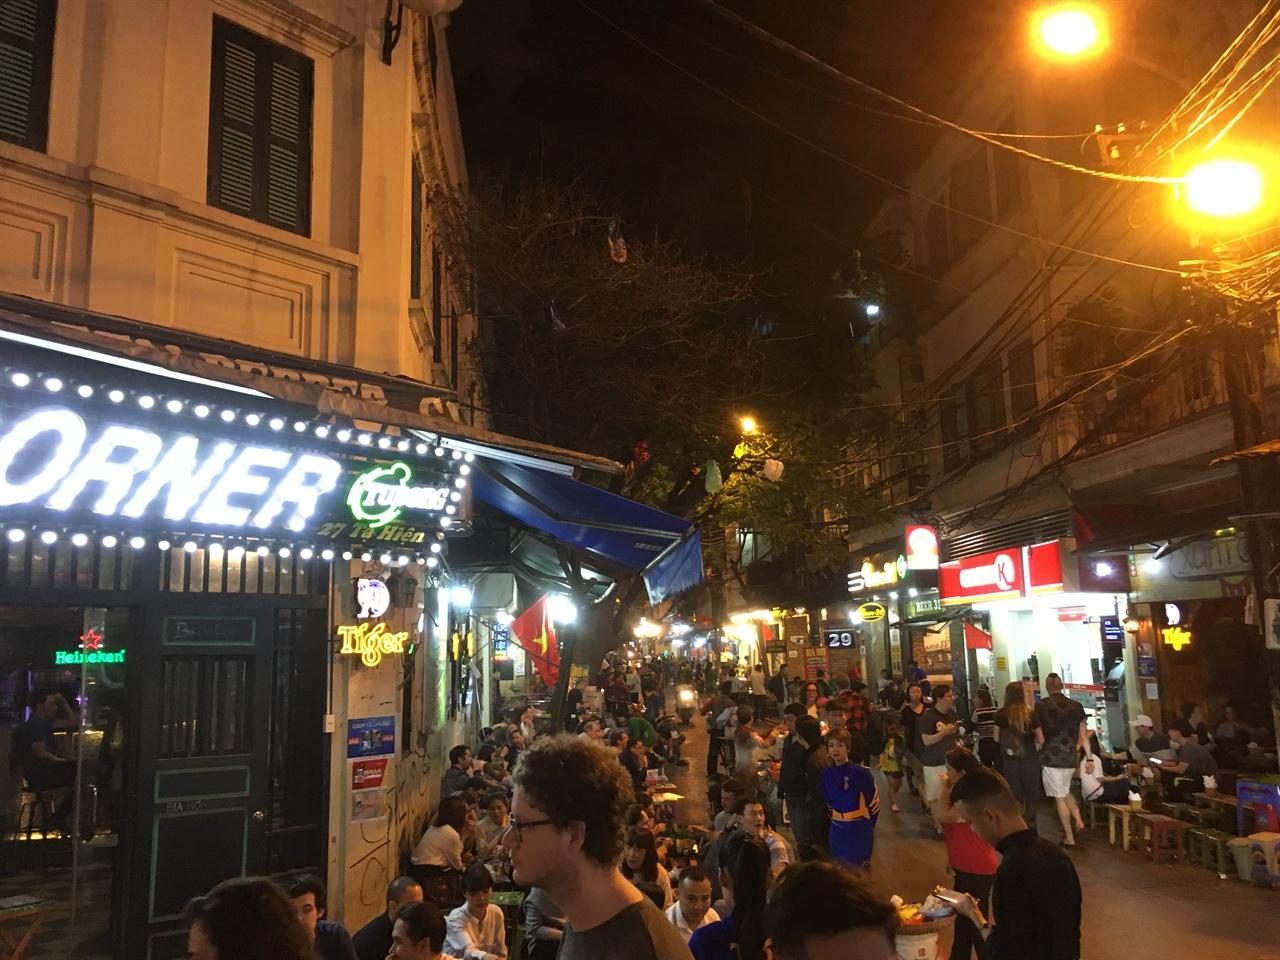 하노이 맥주거리 여러 국적의 사람들이 북적이는 하노이 맥주거리는 하노이 여행객이라면 꼭 가봐야하는 명소다